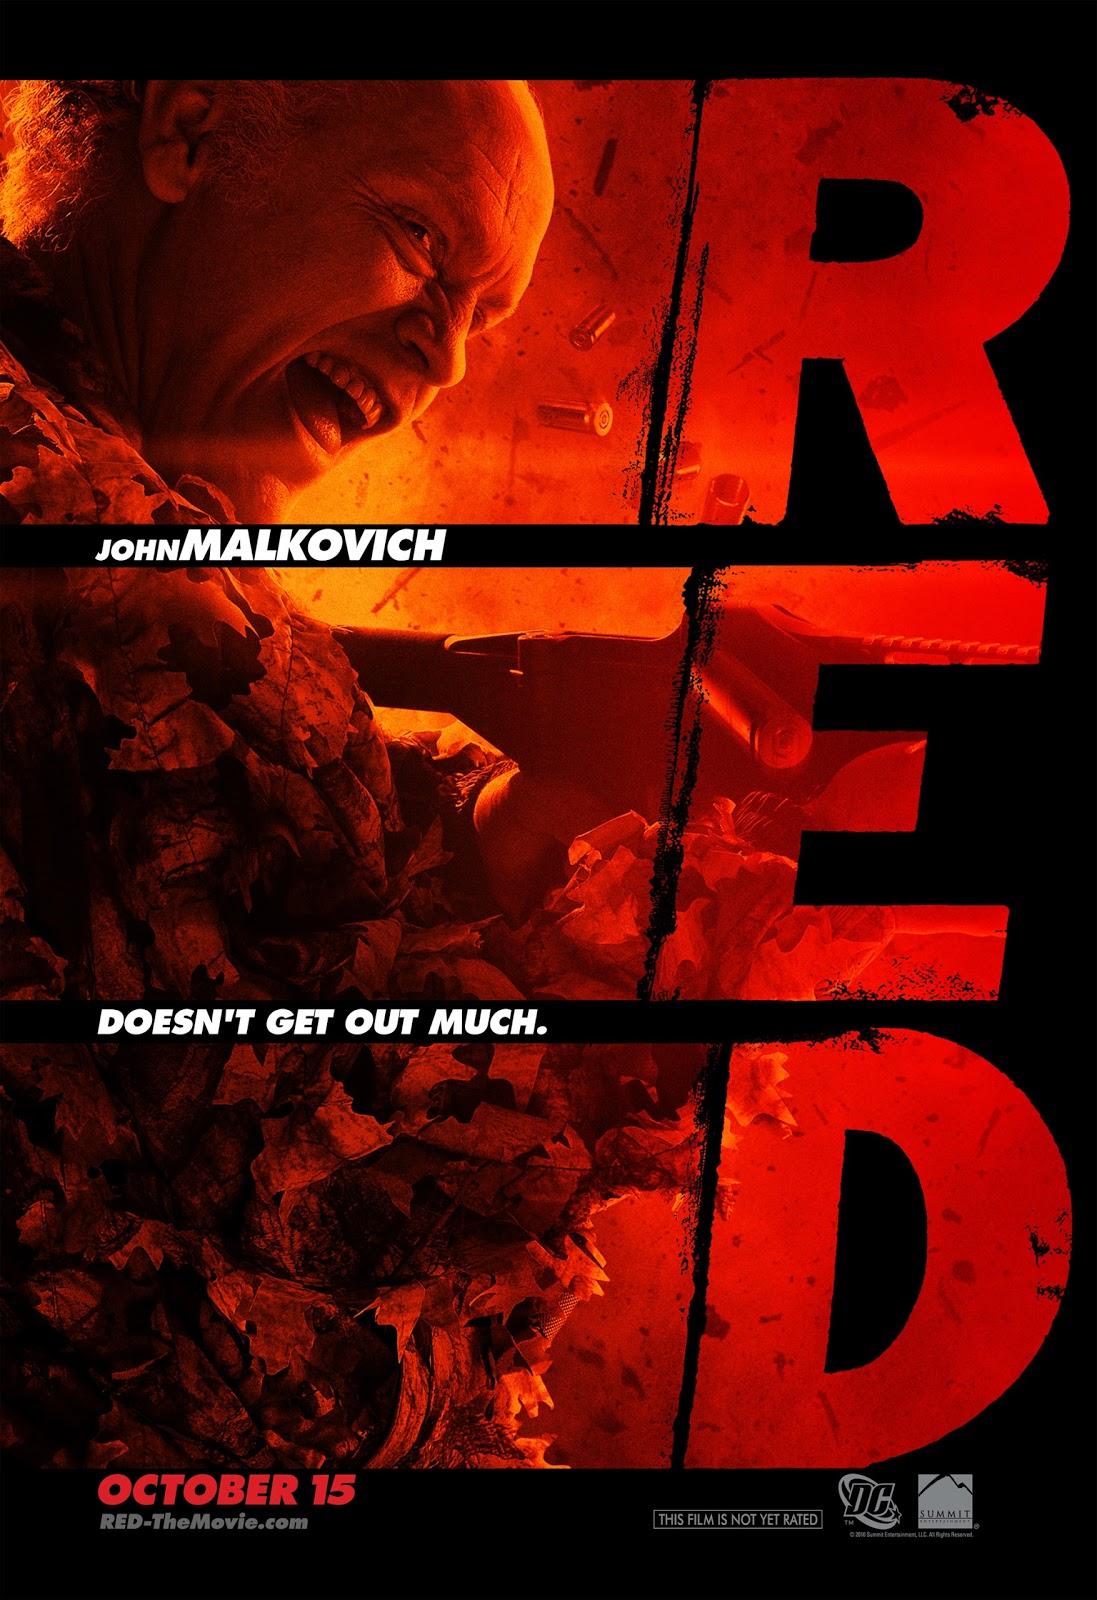 http://1.bp.blogspot.com/_SnmqAHu3YCo/TD4EdczugXI/AAAAAAAACb8/_biVUPRGuUU/s1600/Red-movie-poster-John-Malkovich-character-poster.jpg